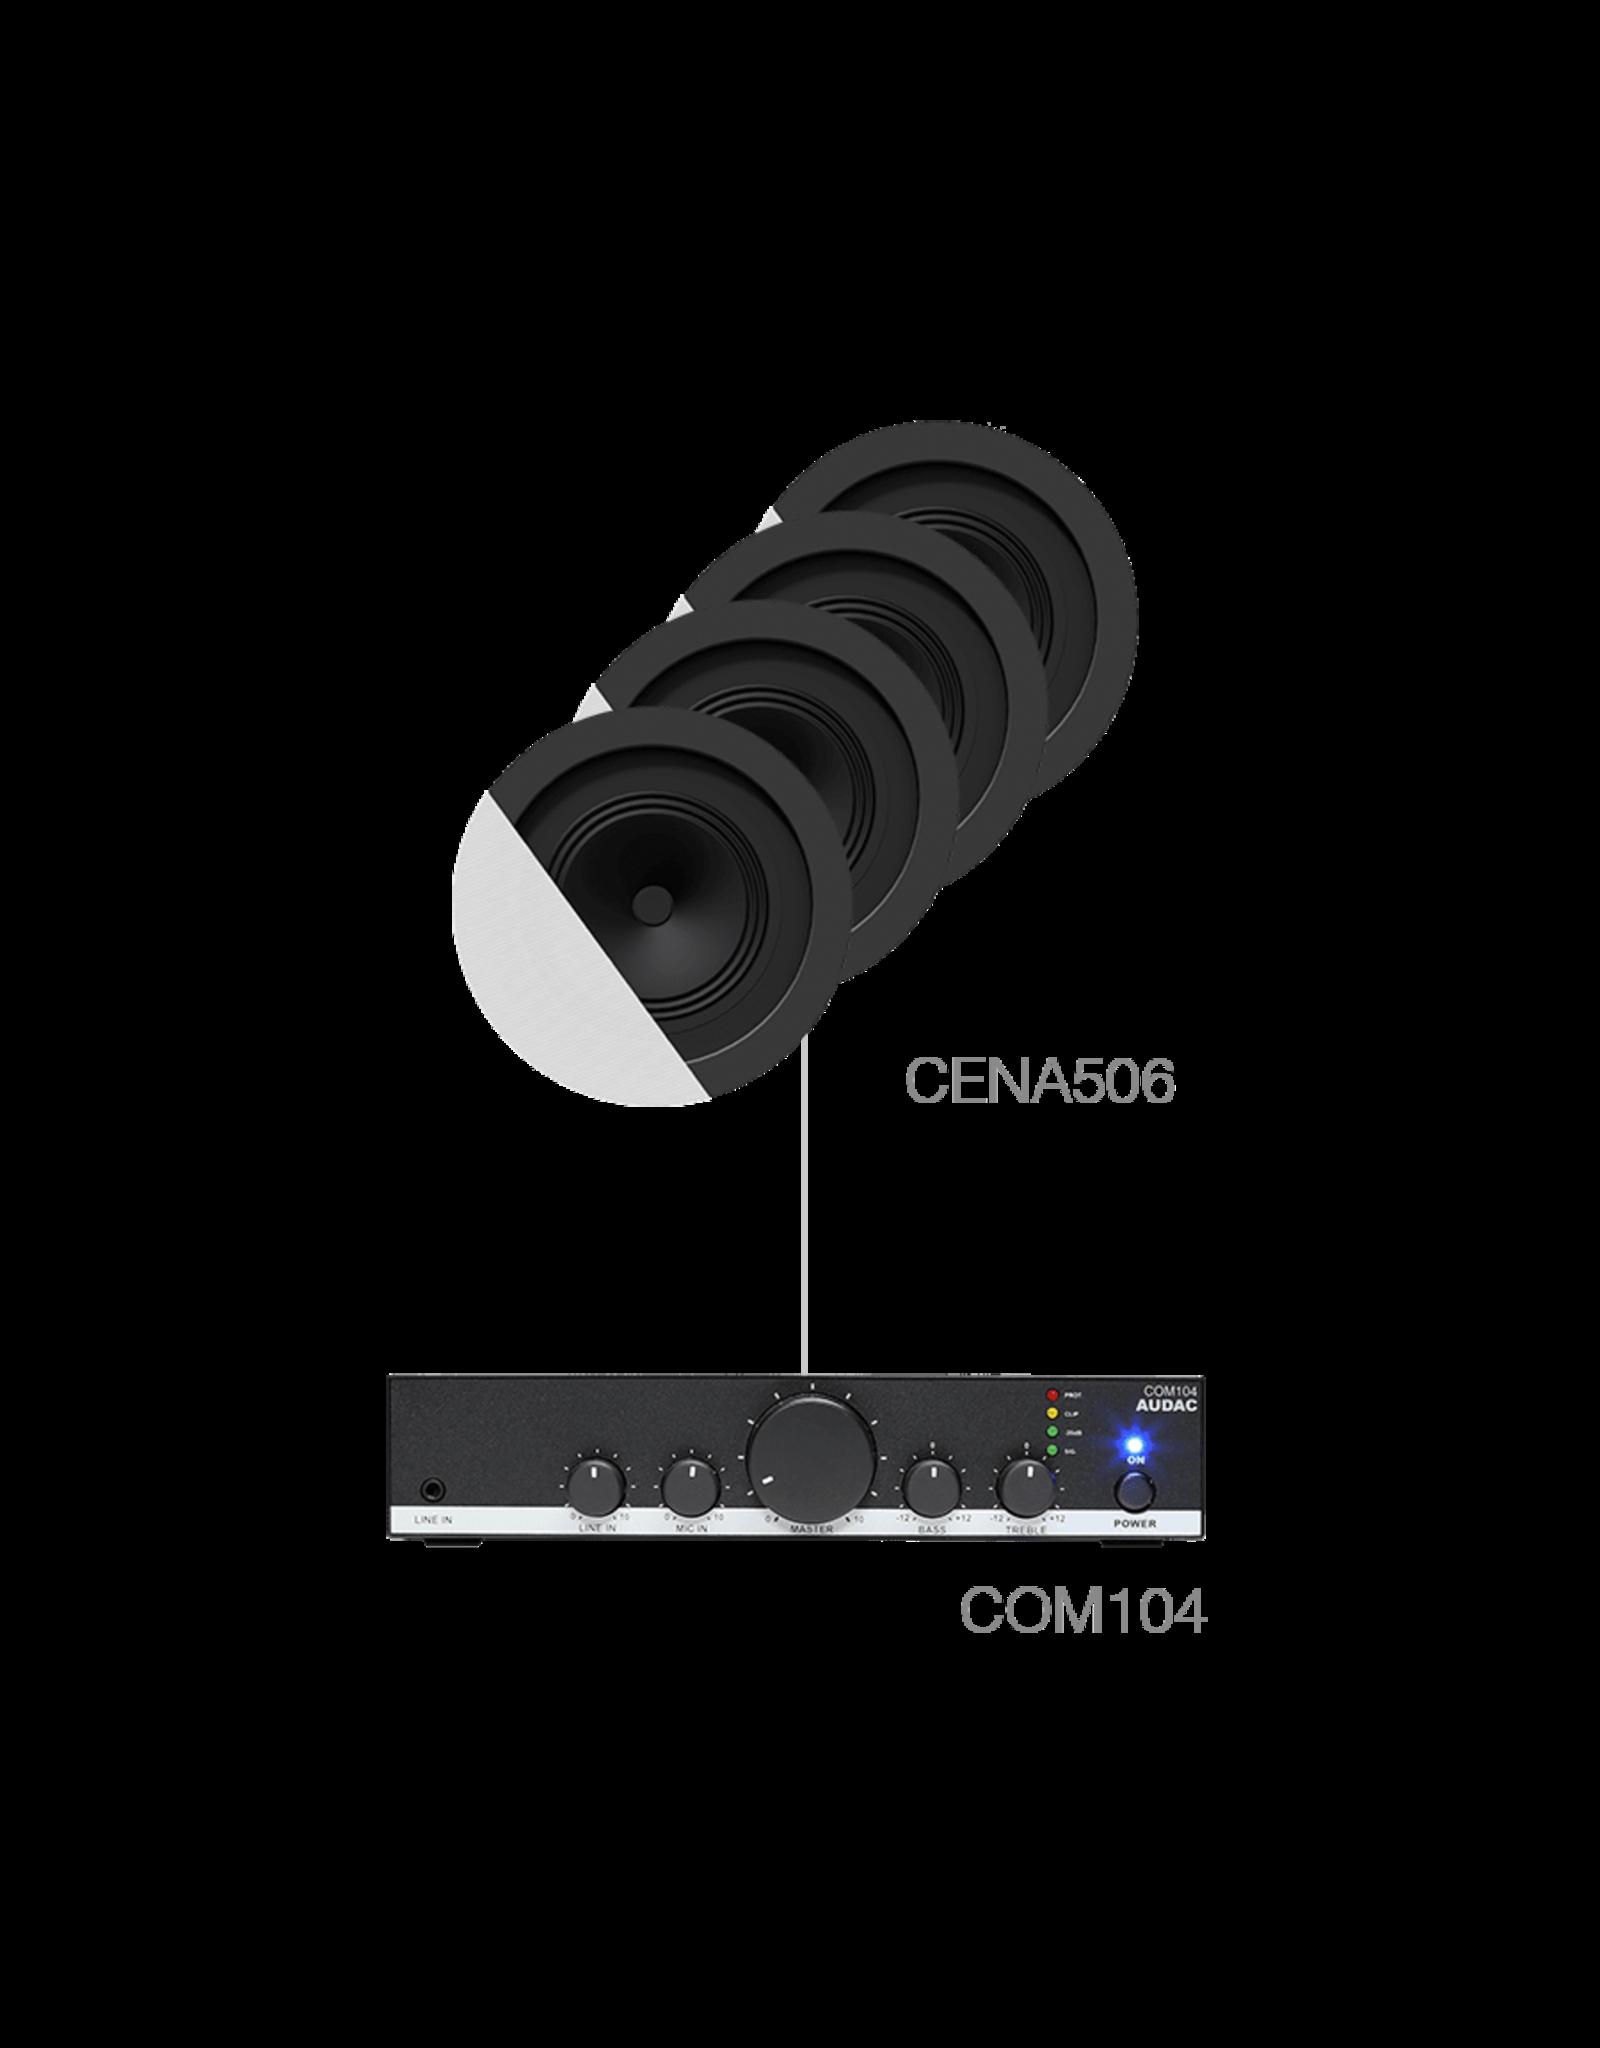 Audac 4 x CENA506 + COM104 White version